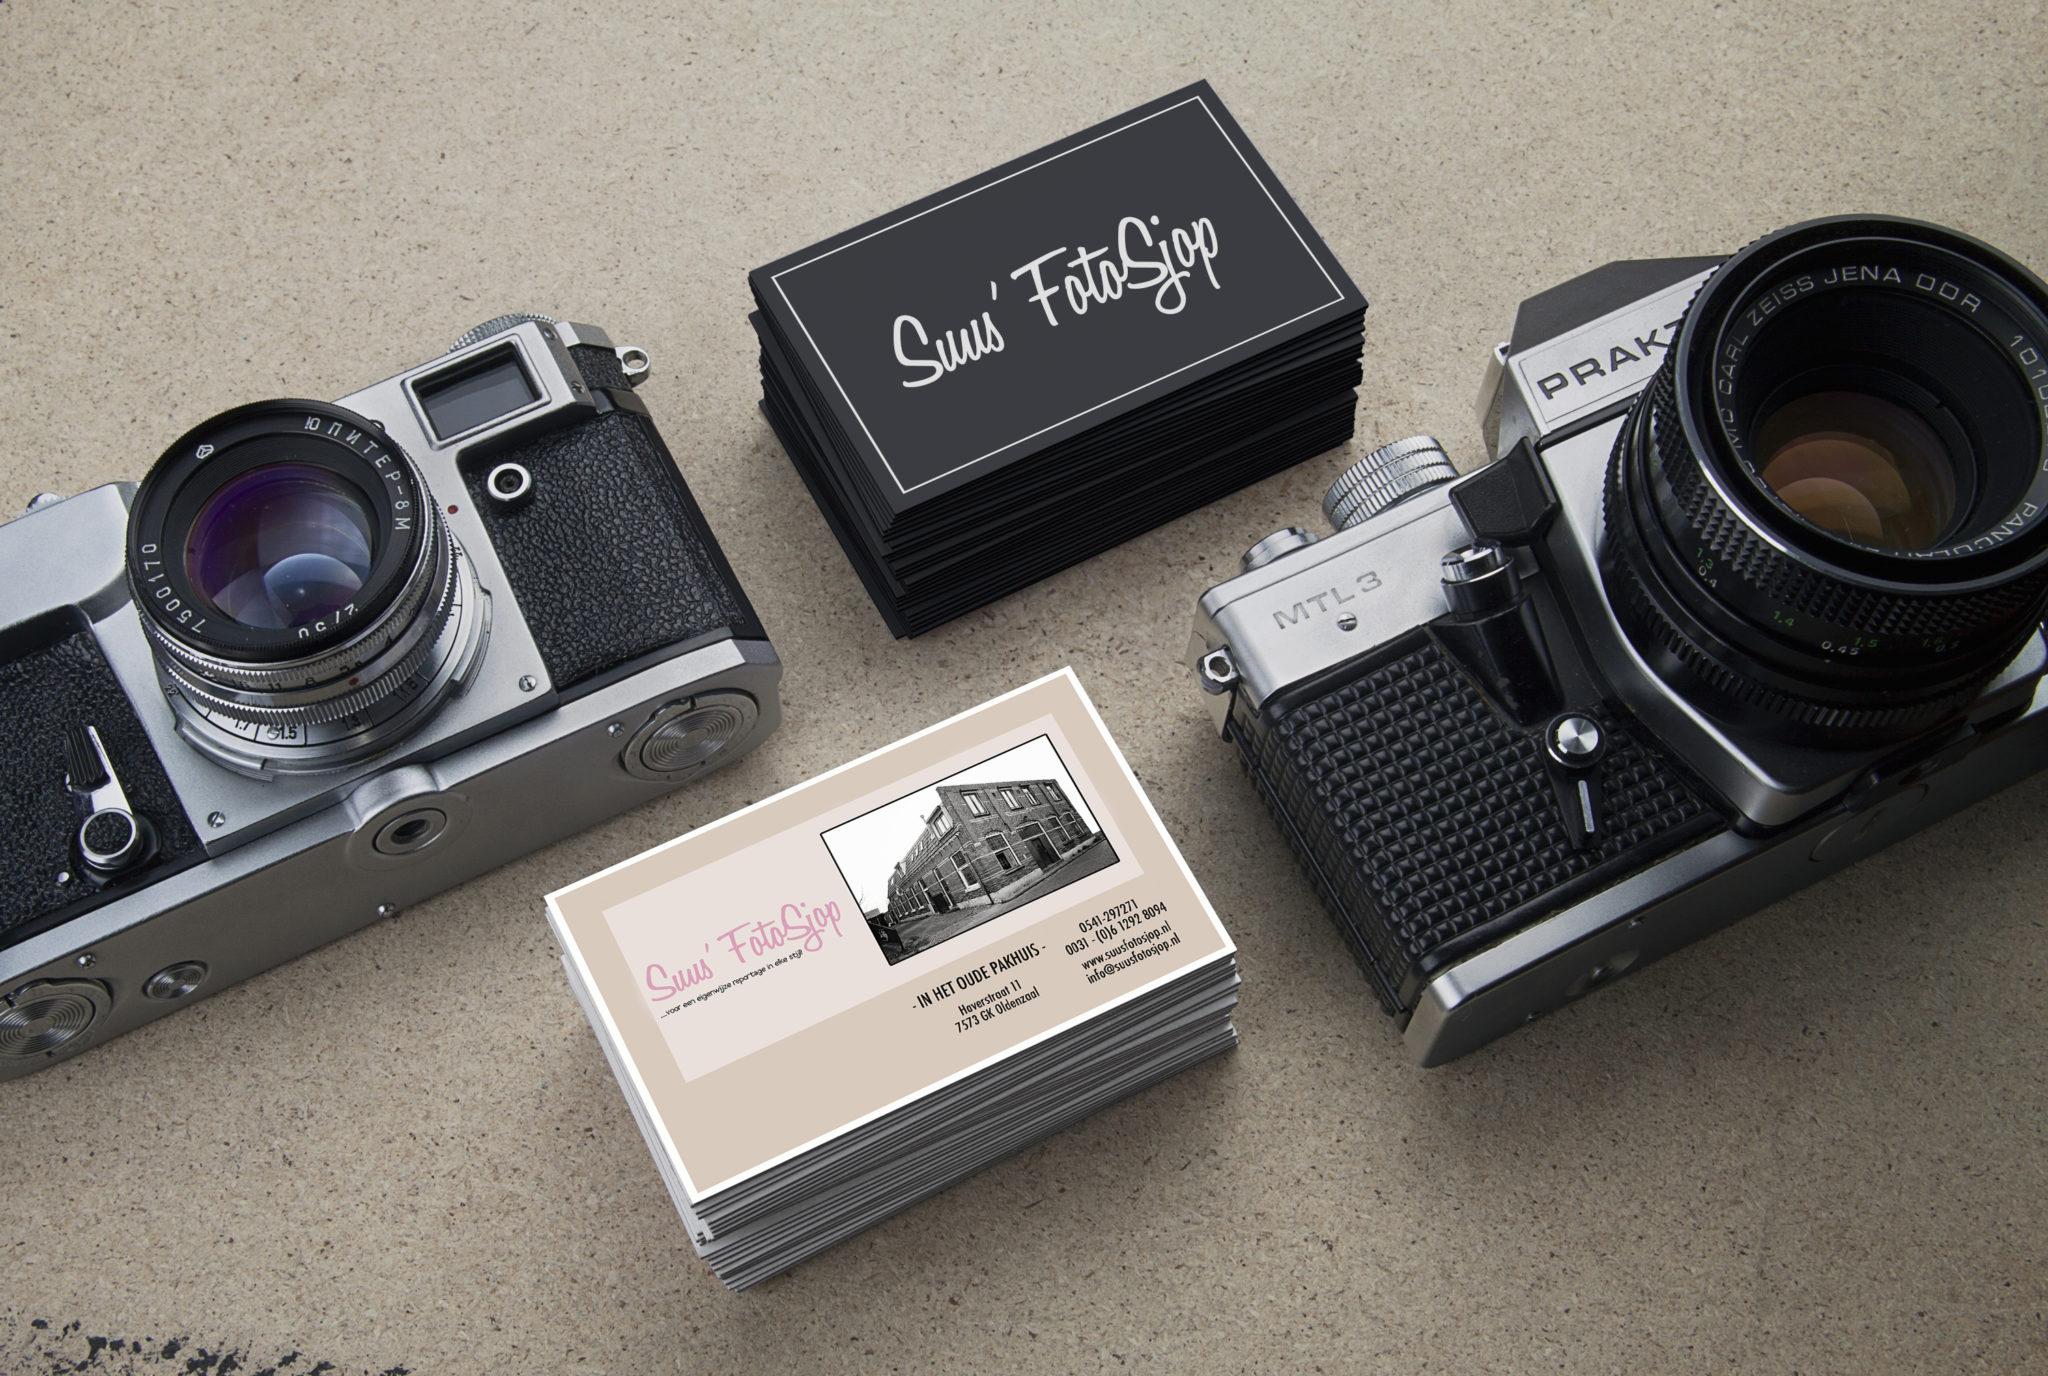 Workshop Fotografie - Suus' FotoSjop - Fotocamera - Manual - Canon - Nikon - Sony - Leren - Oldenzaal - Haverstraat - Twente - Hengelo - Enschede